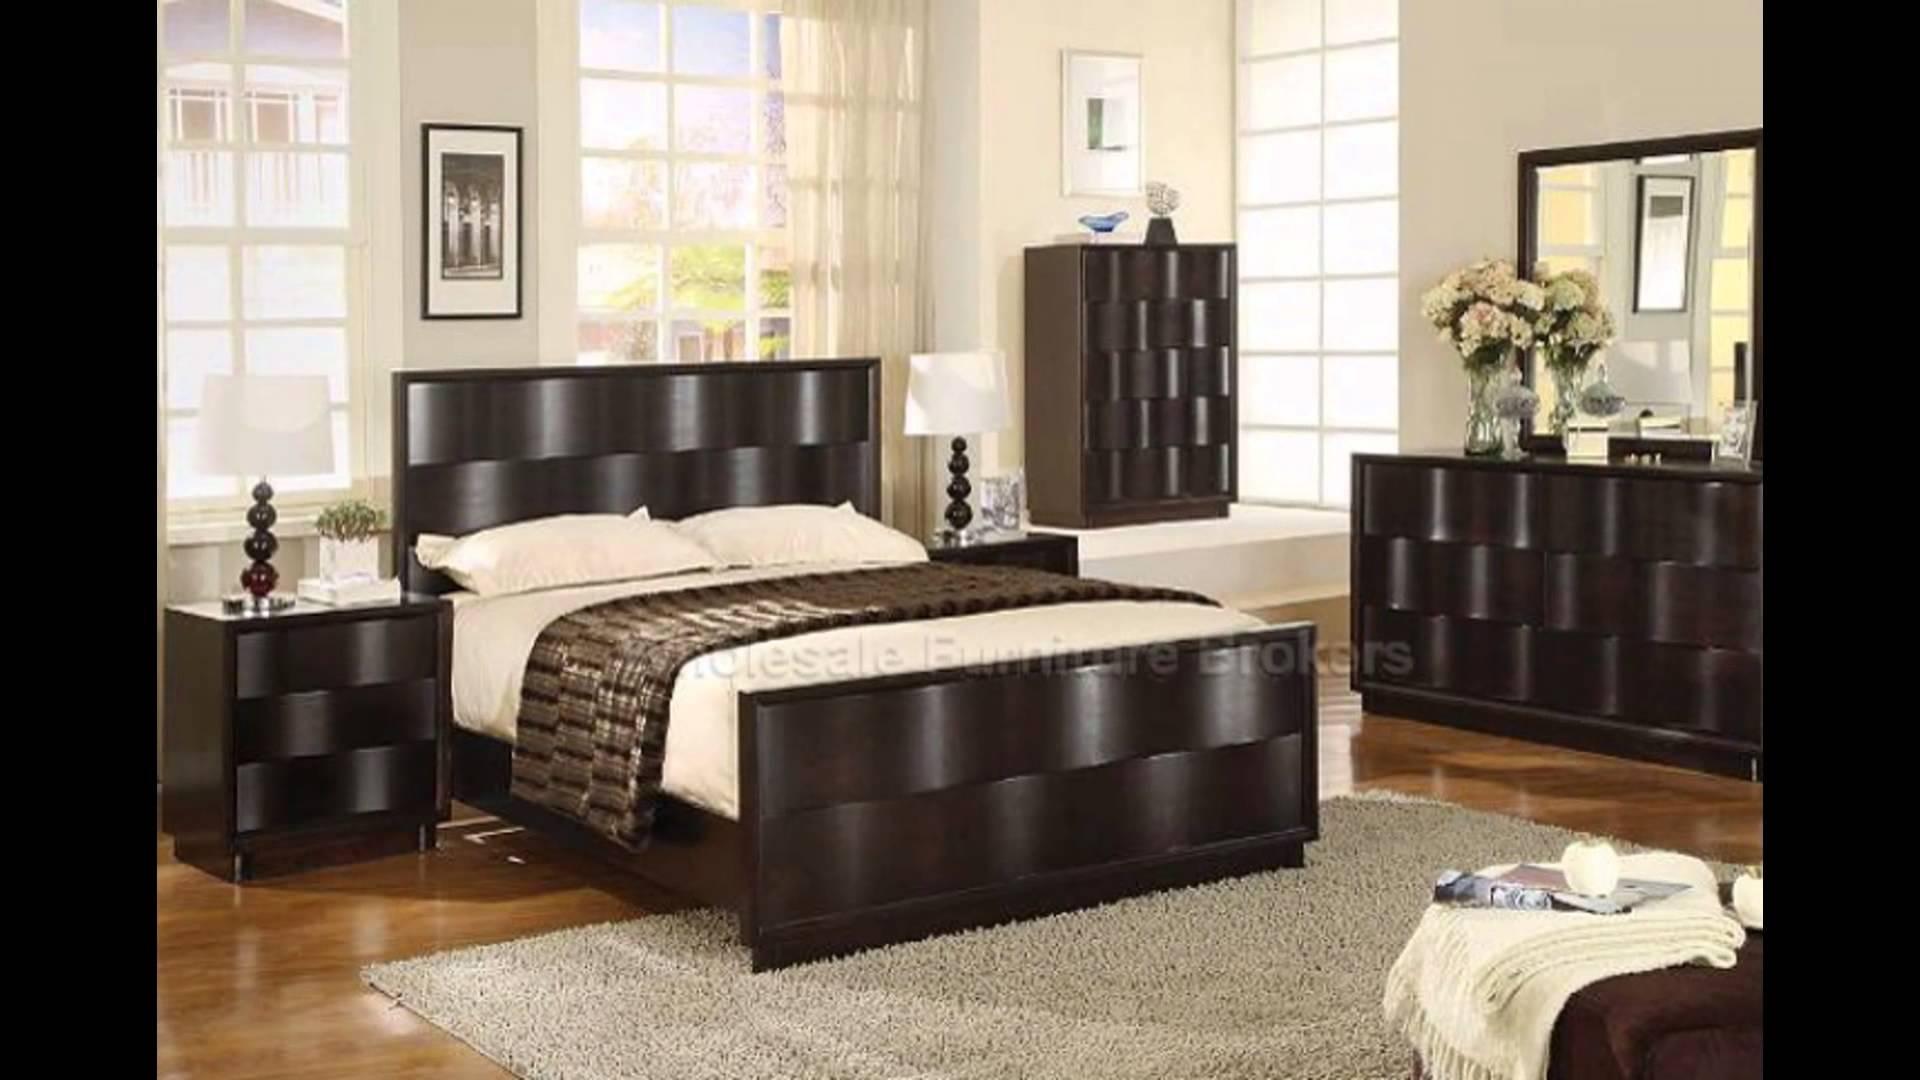 صورة صور غرف النوم , اخر صيحات غرف النوم والاسترخاء 1372 5